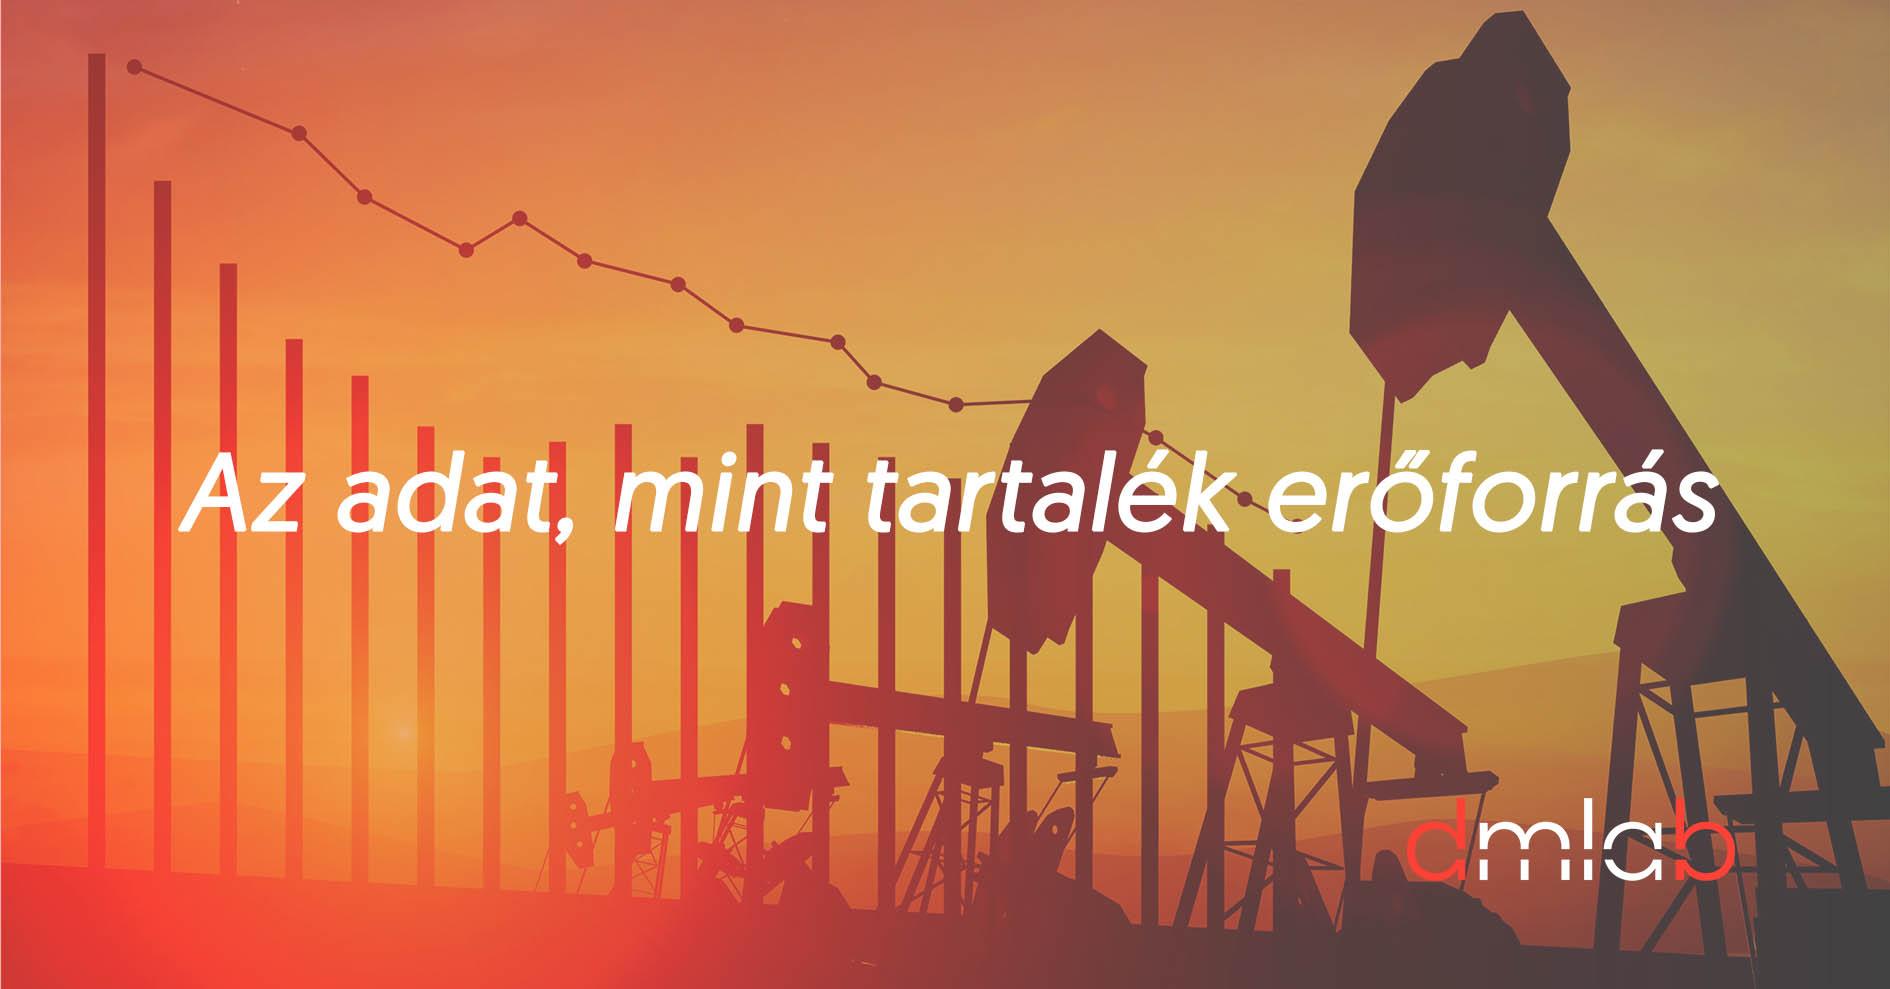 az_adat_mint_tartale_k_ero_forra_s_2.jpg